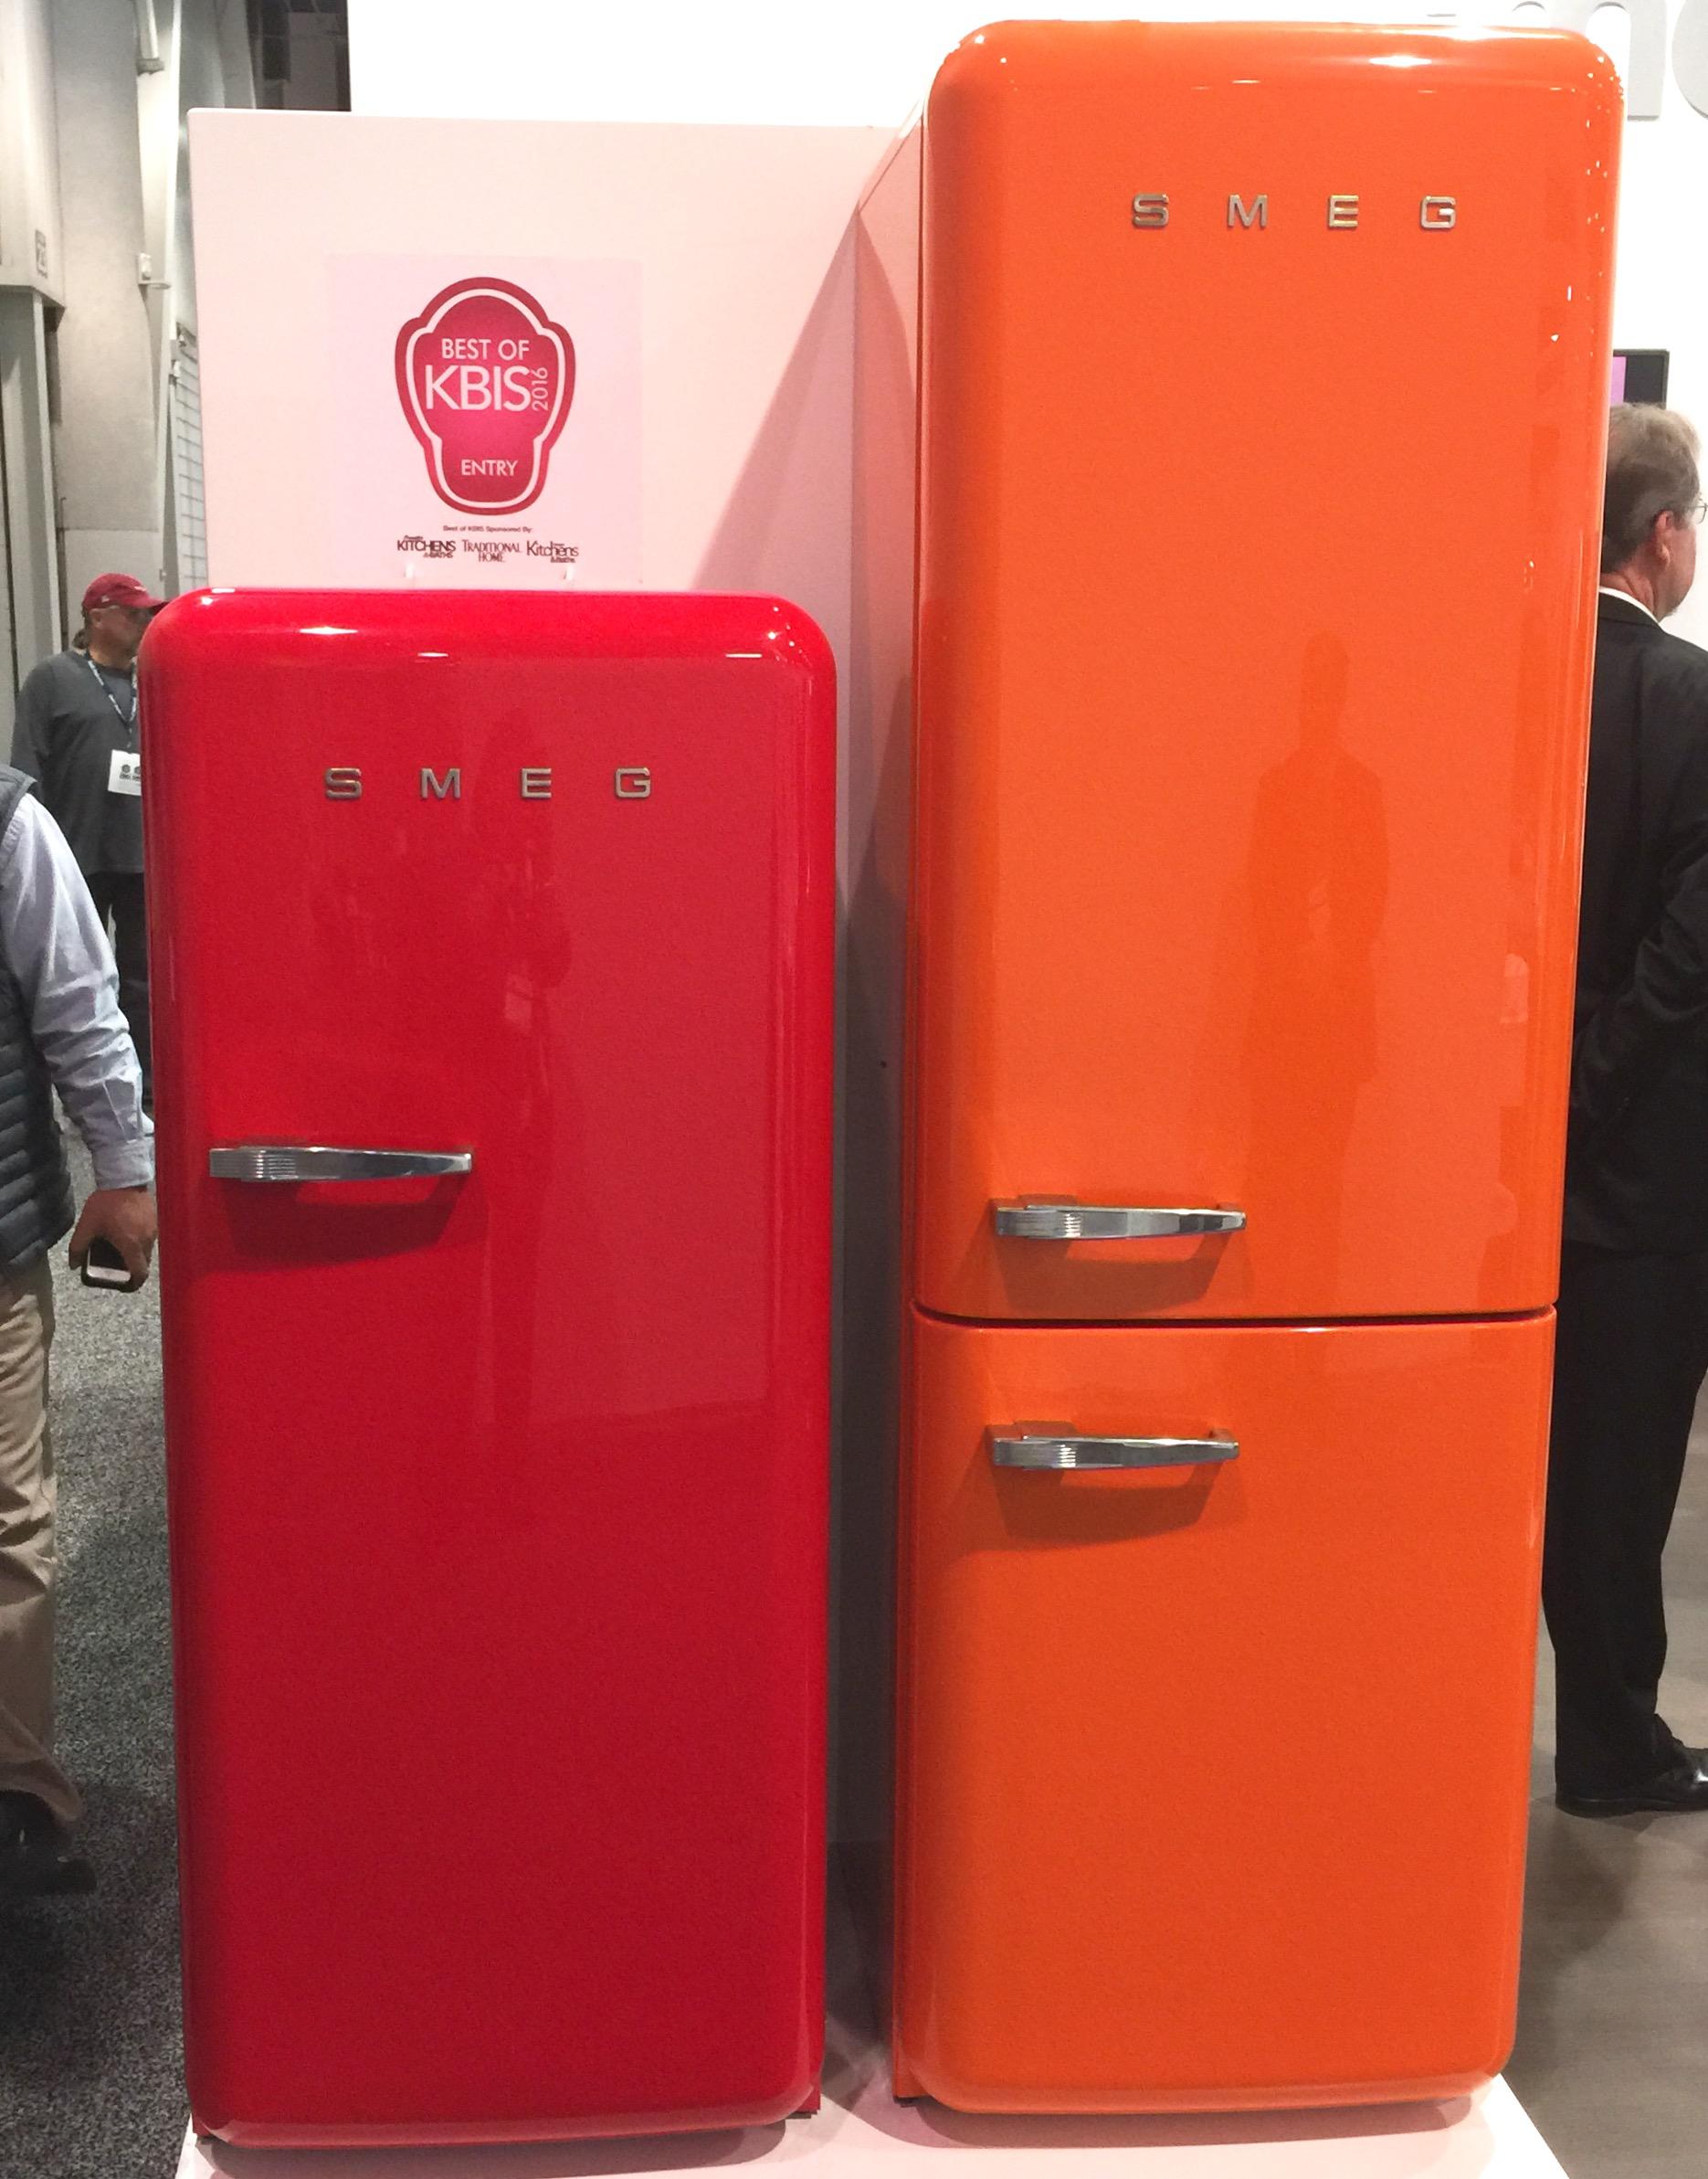 Cute little Smeg refrigerators seen at KBIS 2016